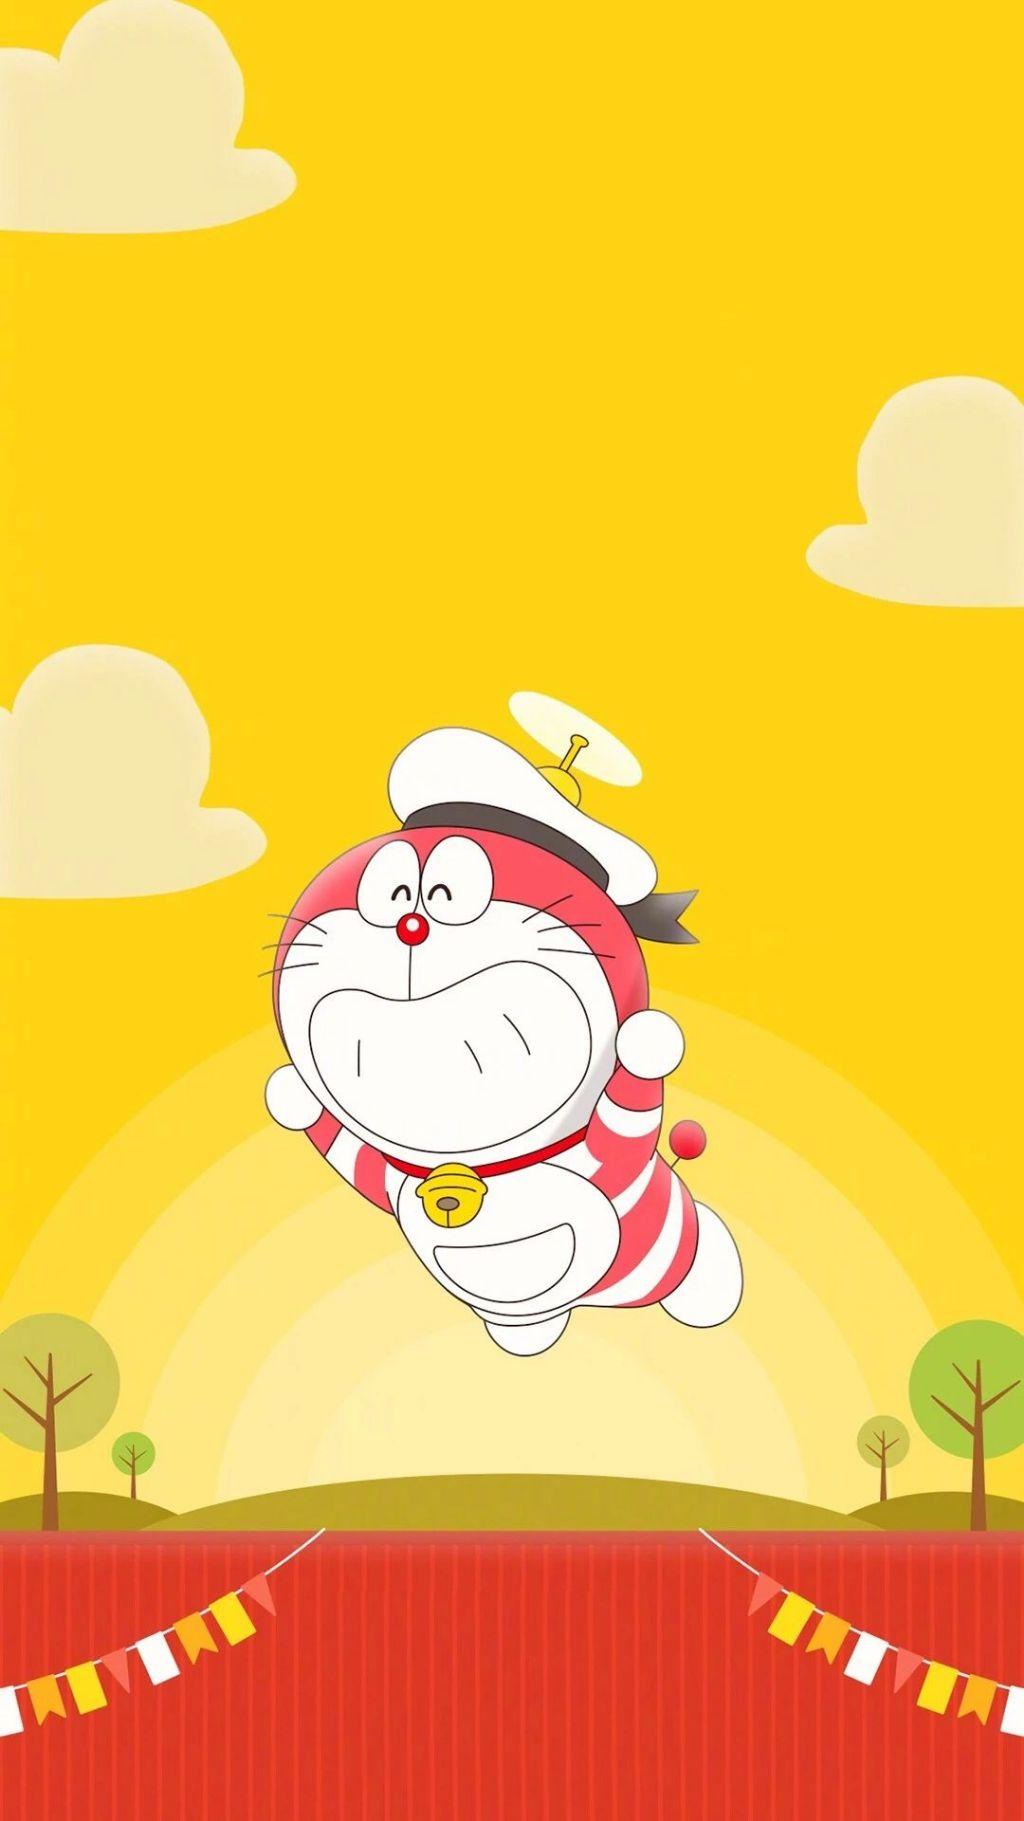 哆啦A梦壁纸:可爱哆啦A梦蓝胖子手机壁纸插图73